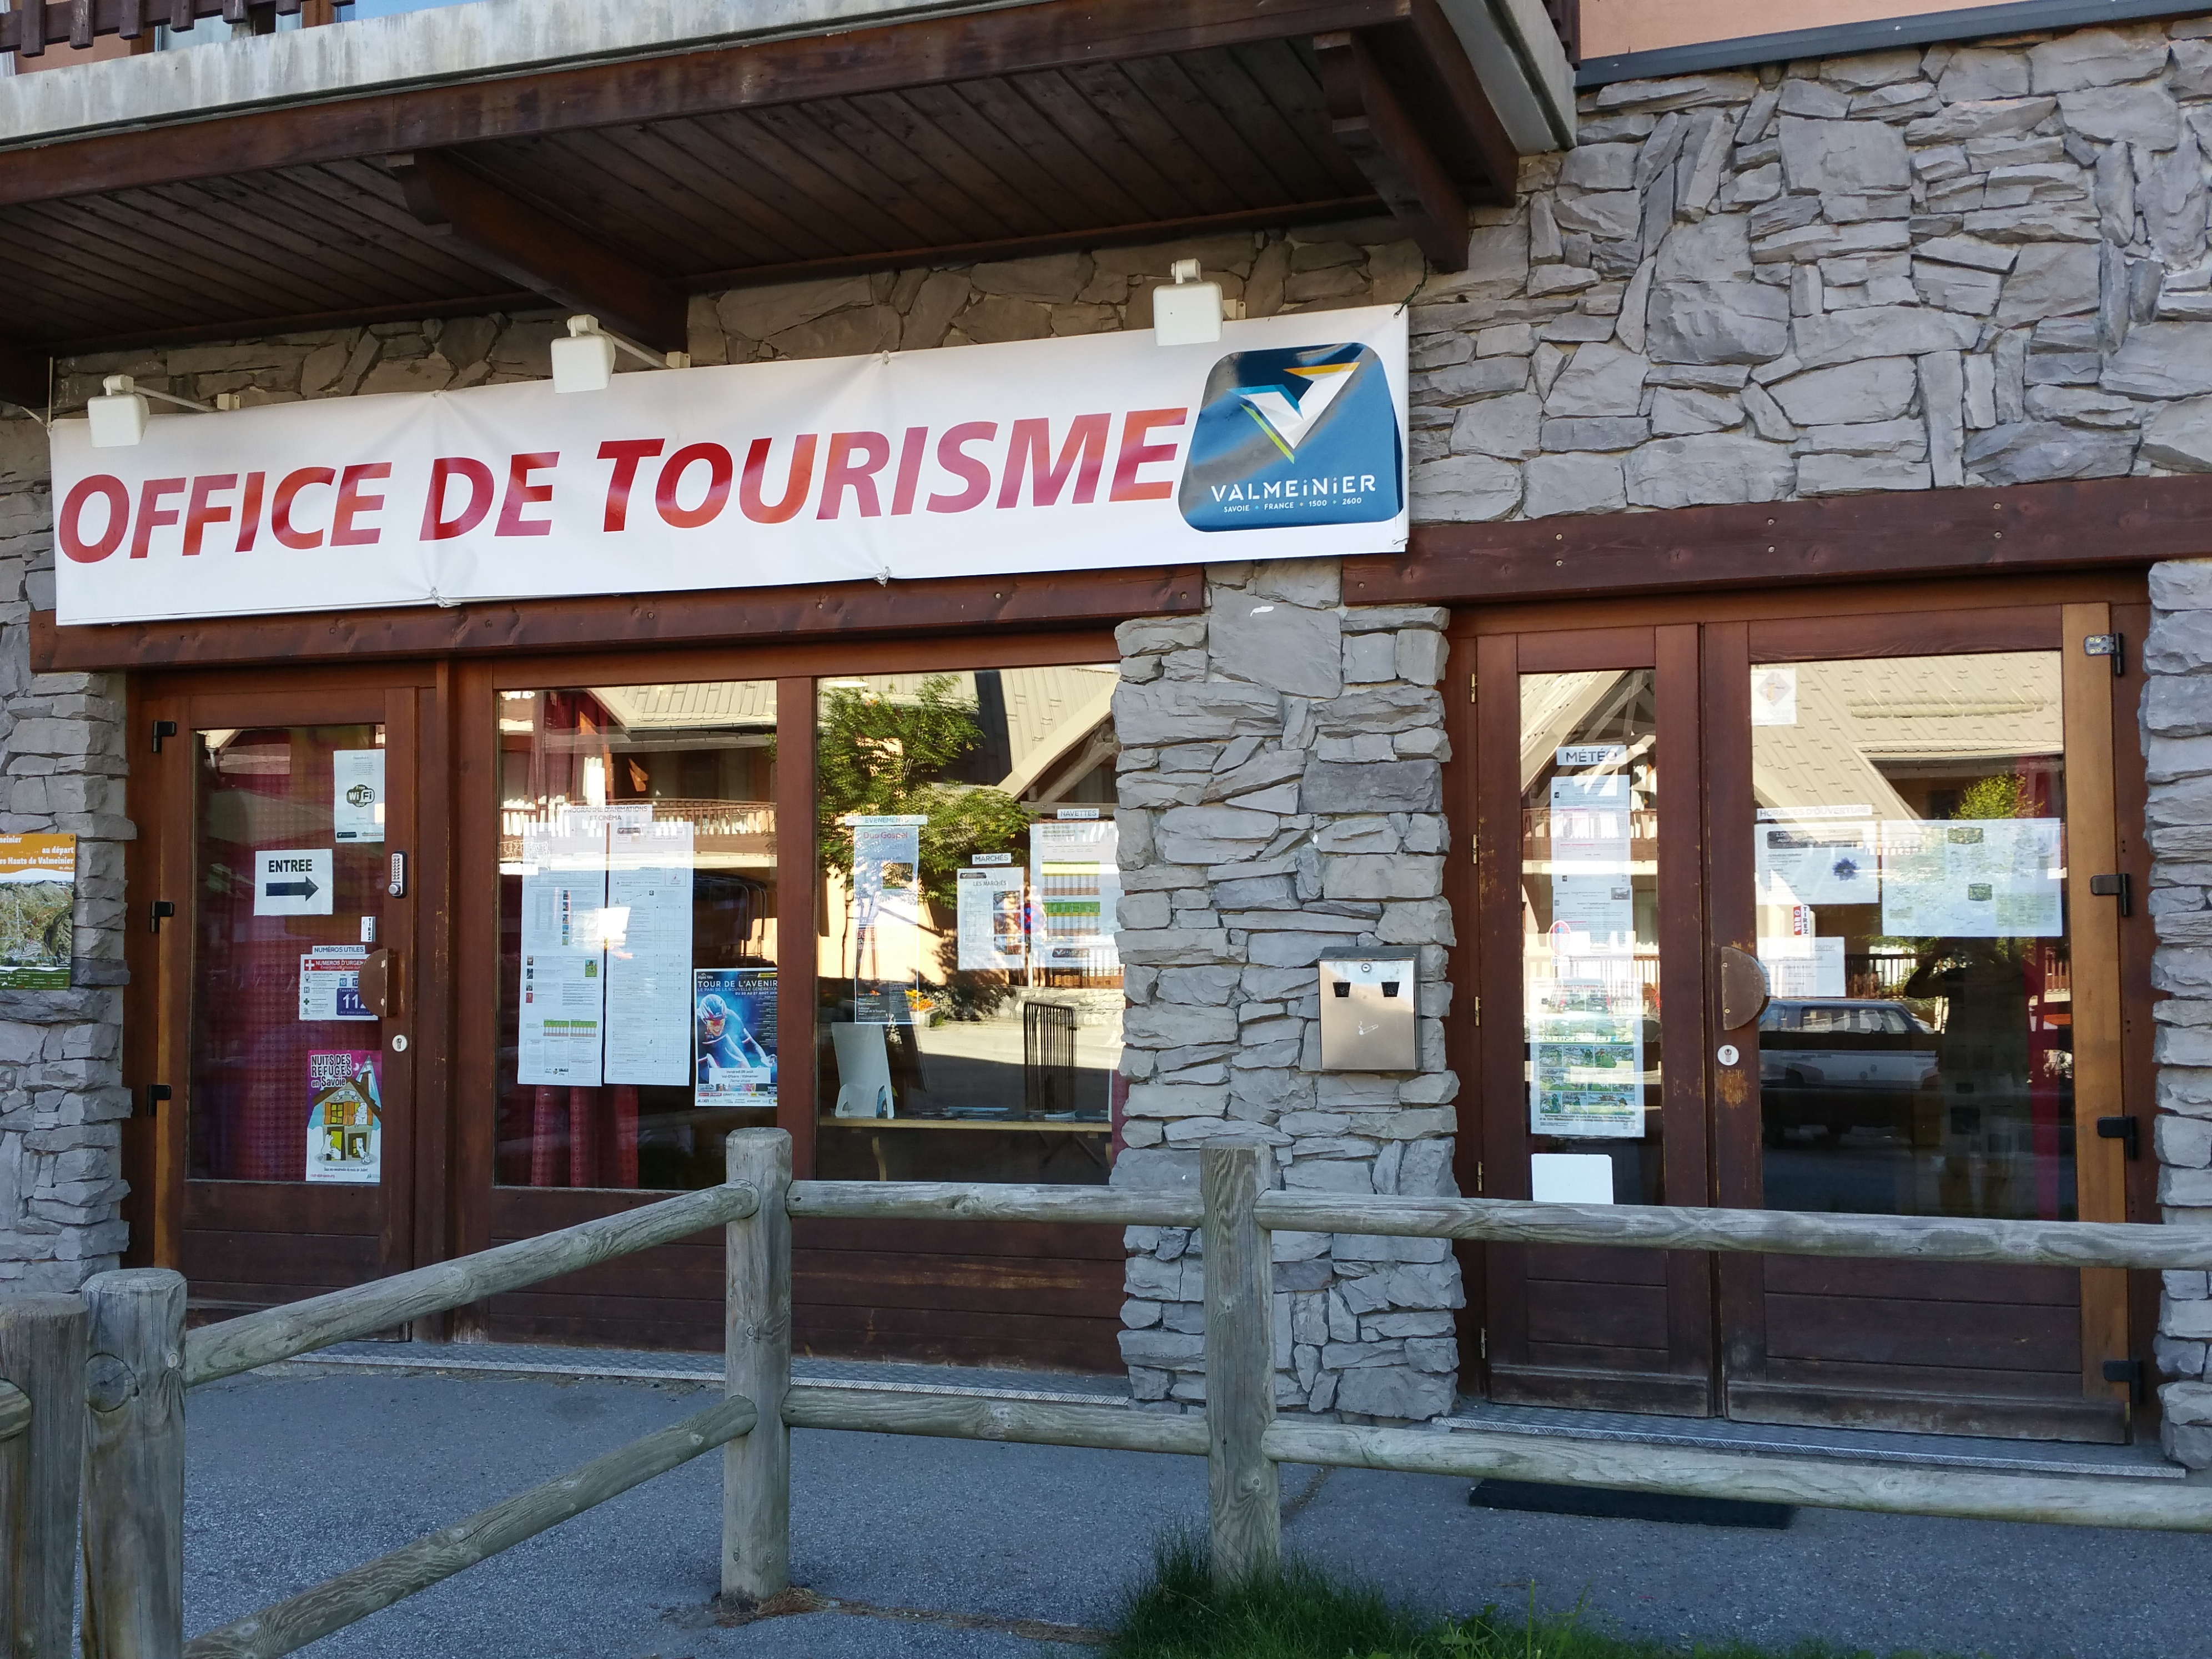 Office de tourisme 1800 haut de station savoie mont blanc savoie et haute savoie alpes - Office du tourisme valmeinier 1800 ...